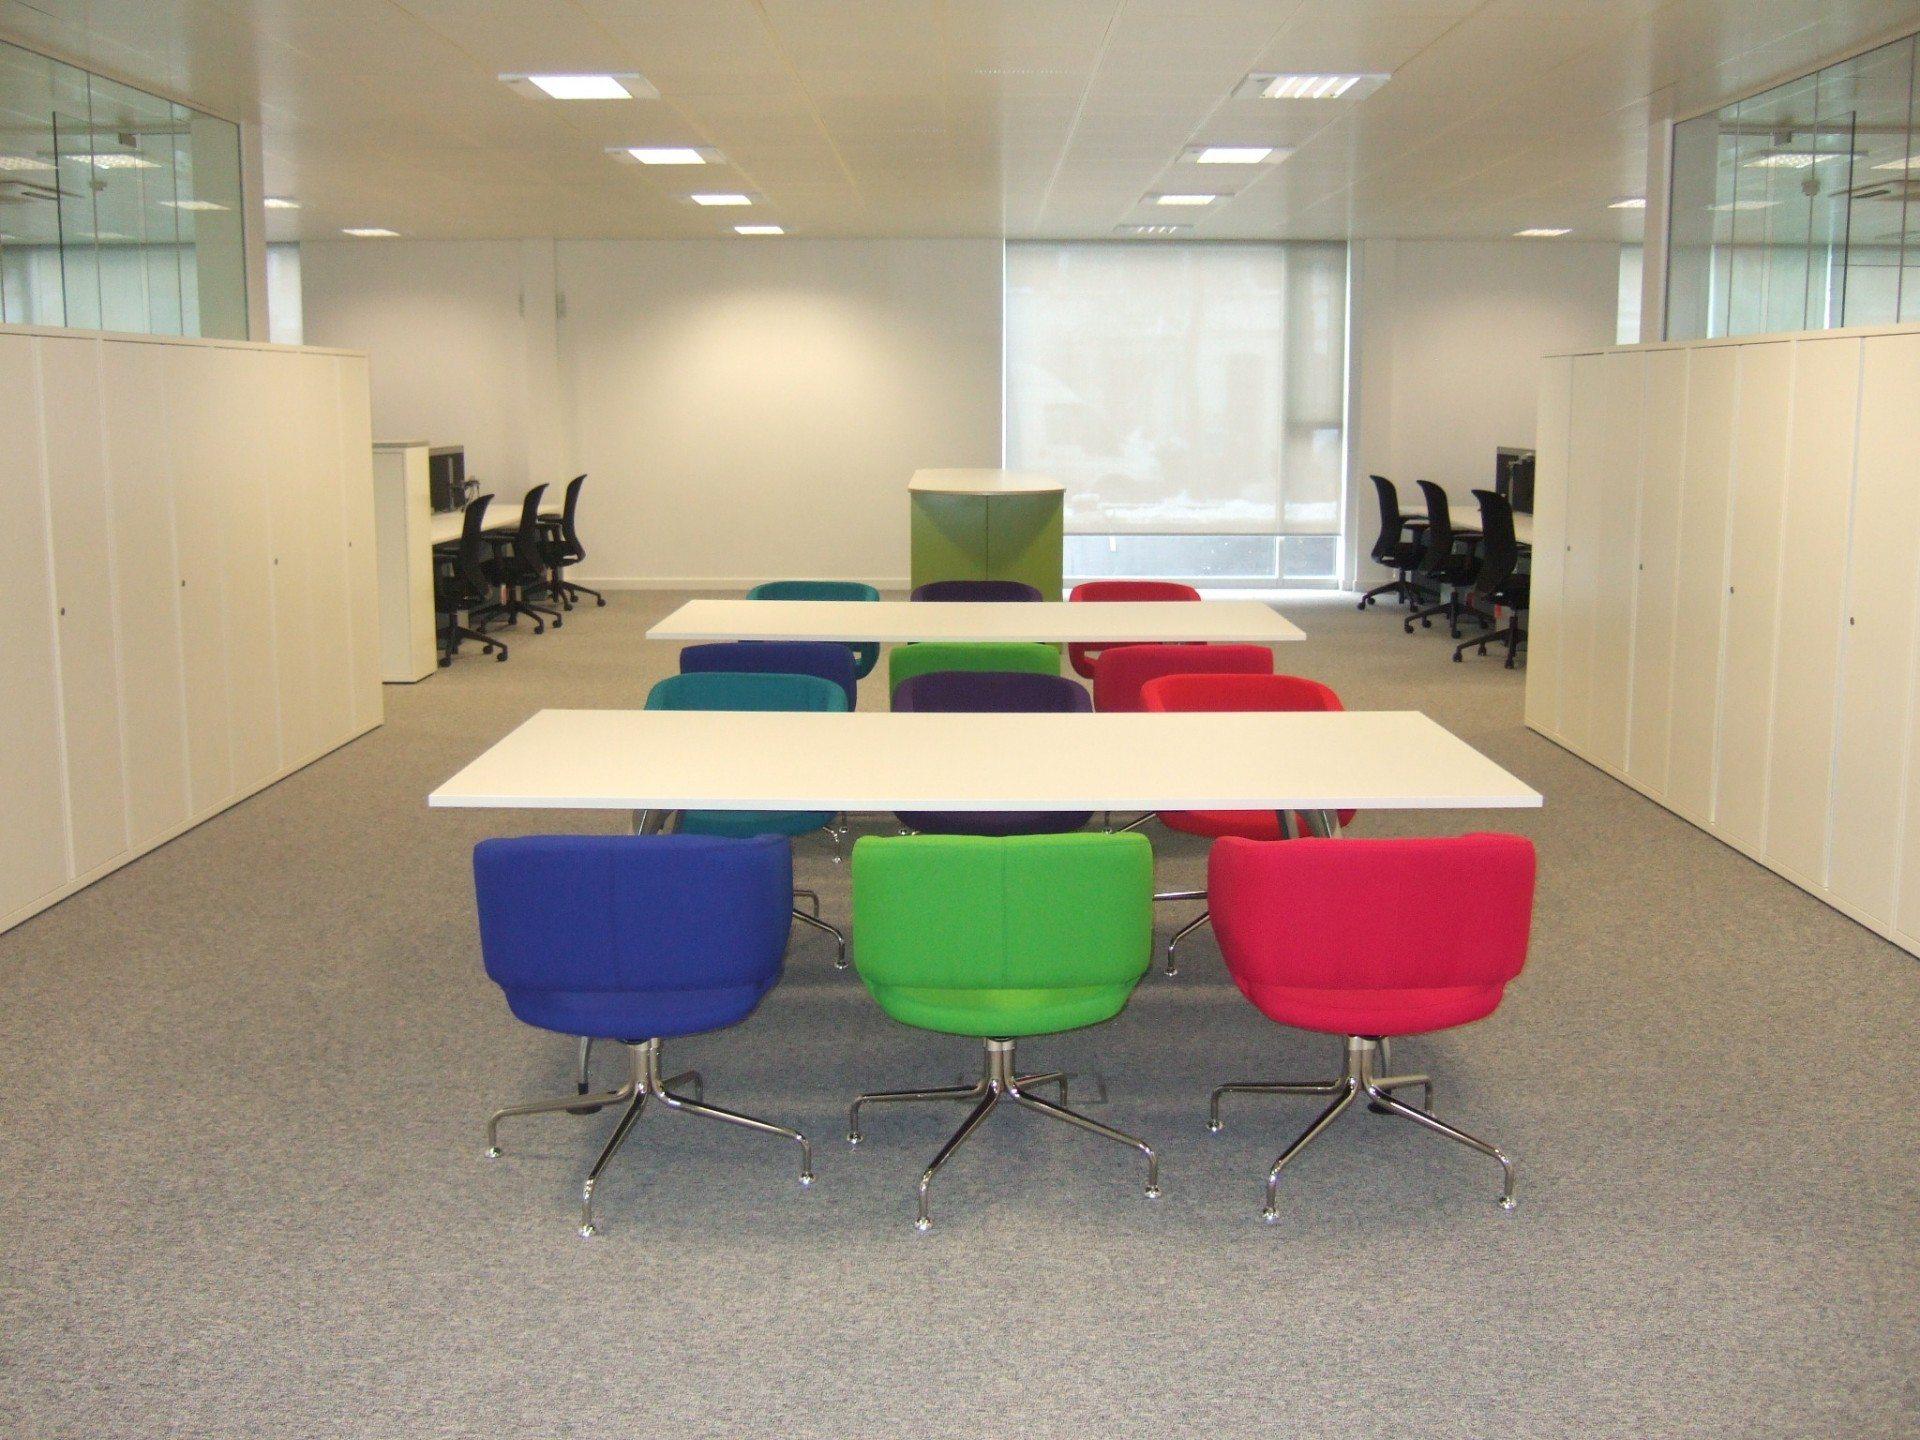 Office furniture uxbridge - Dscf8558